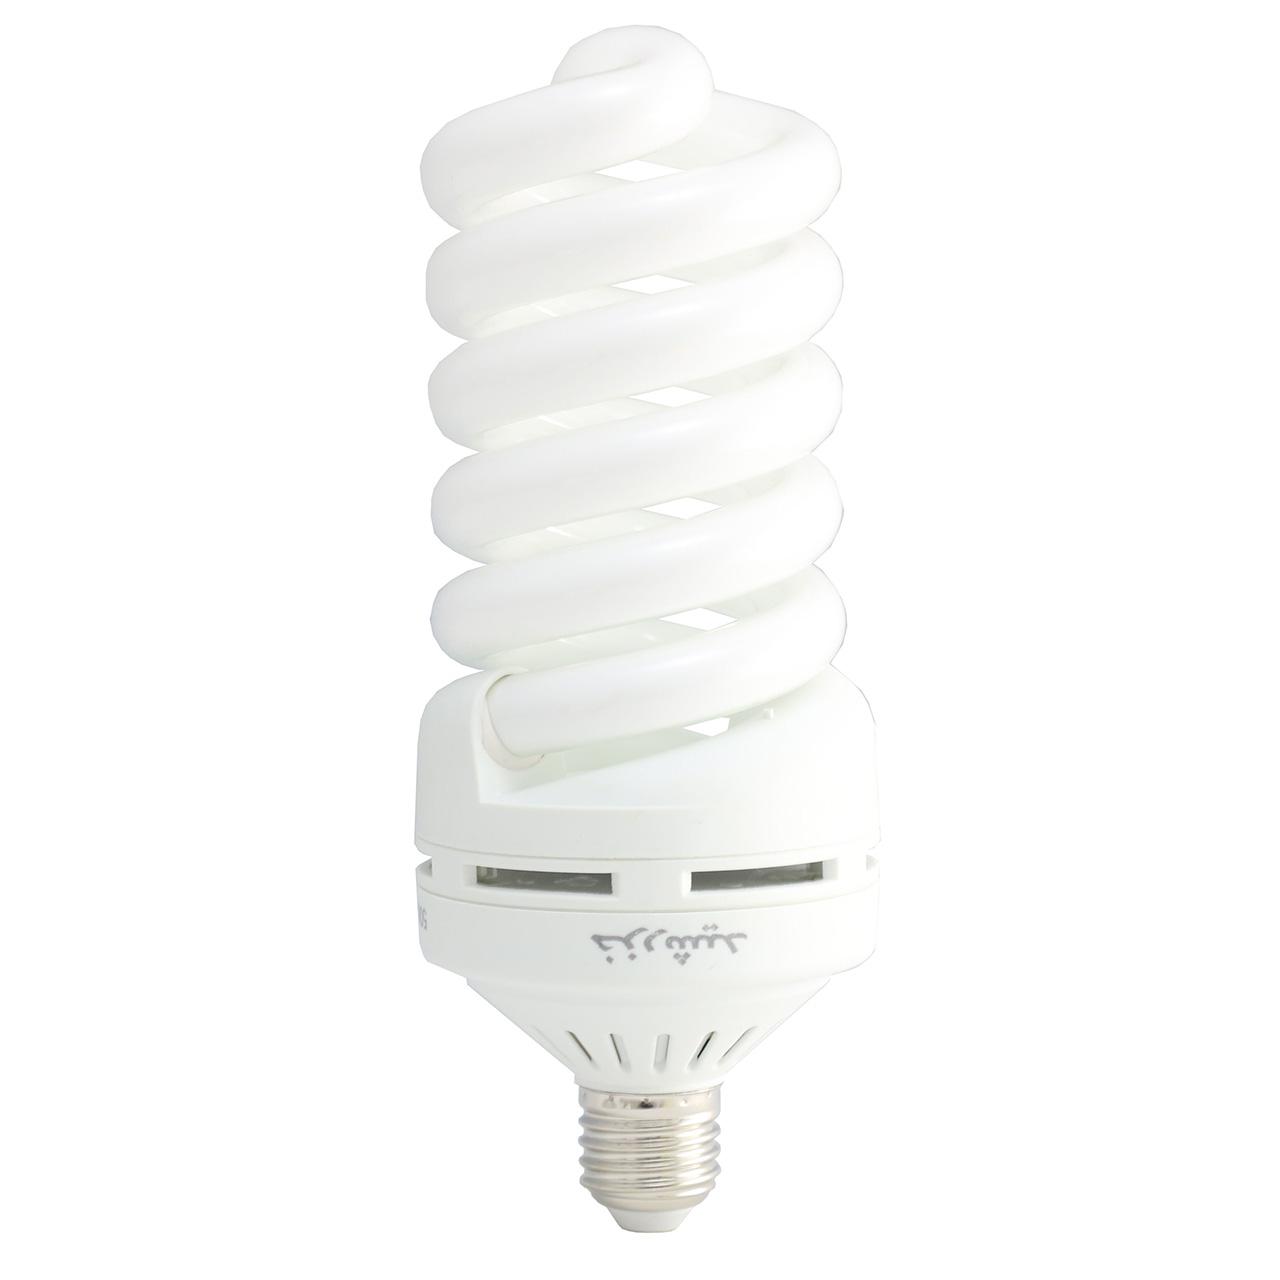 لامپ کم مصرف 50 وات خزرشید مدل FS پایه E27